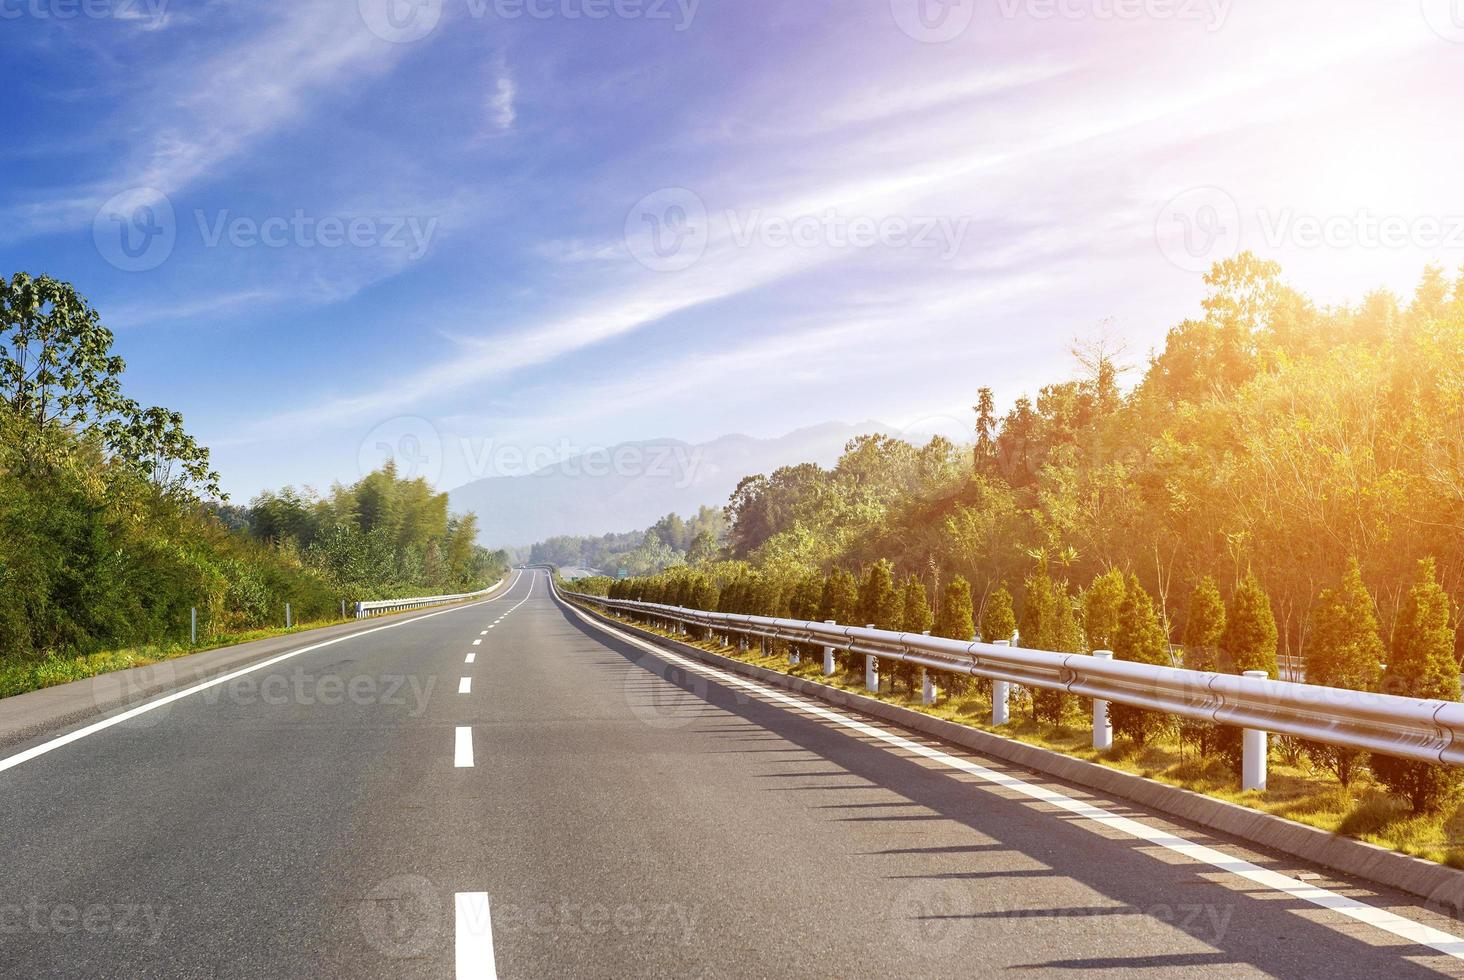 nieuw aangelegde snelweg foto